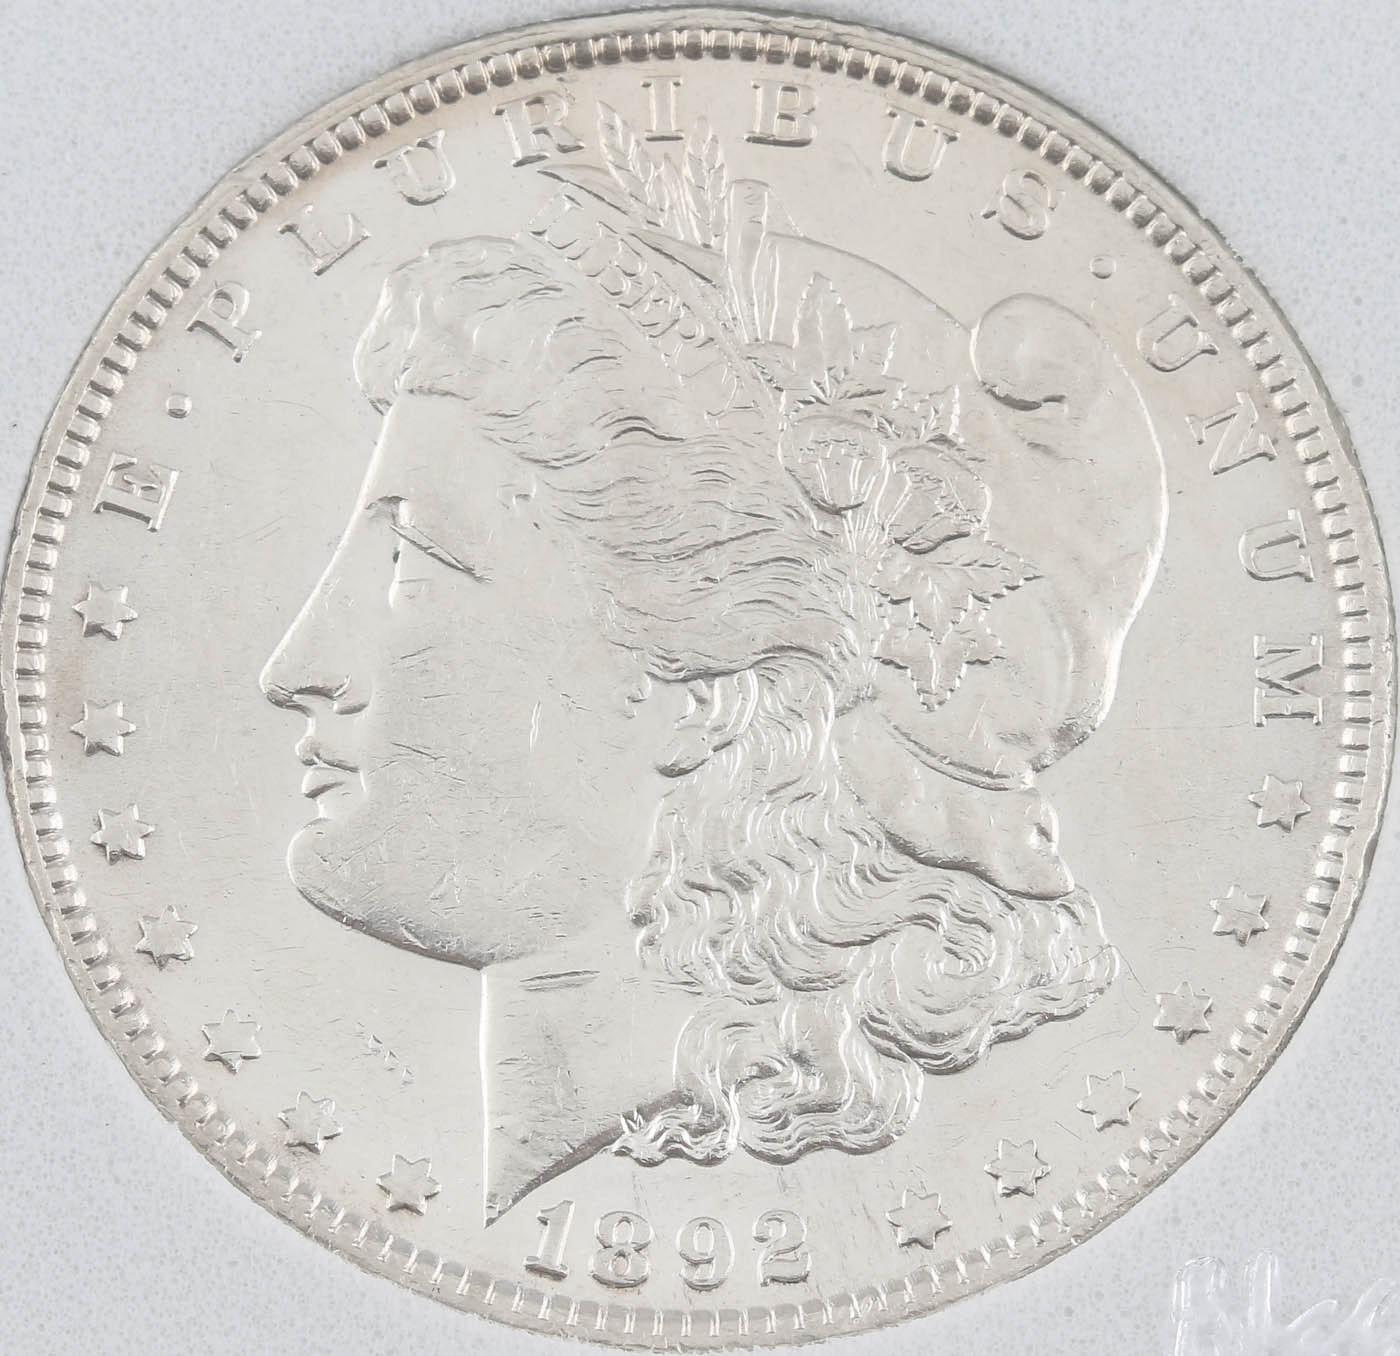 1892-O Silver Morgan Dollar